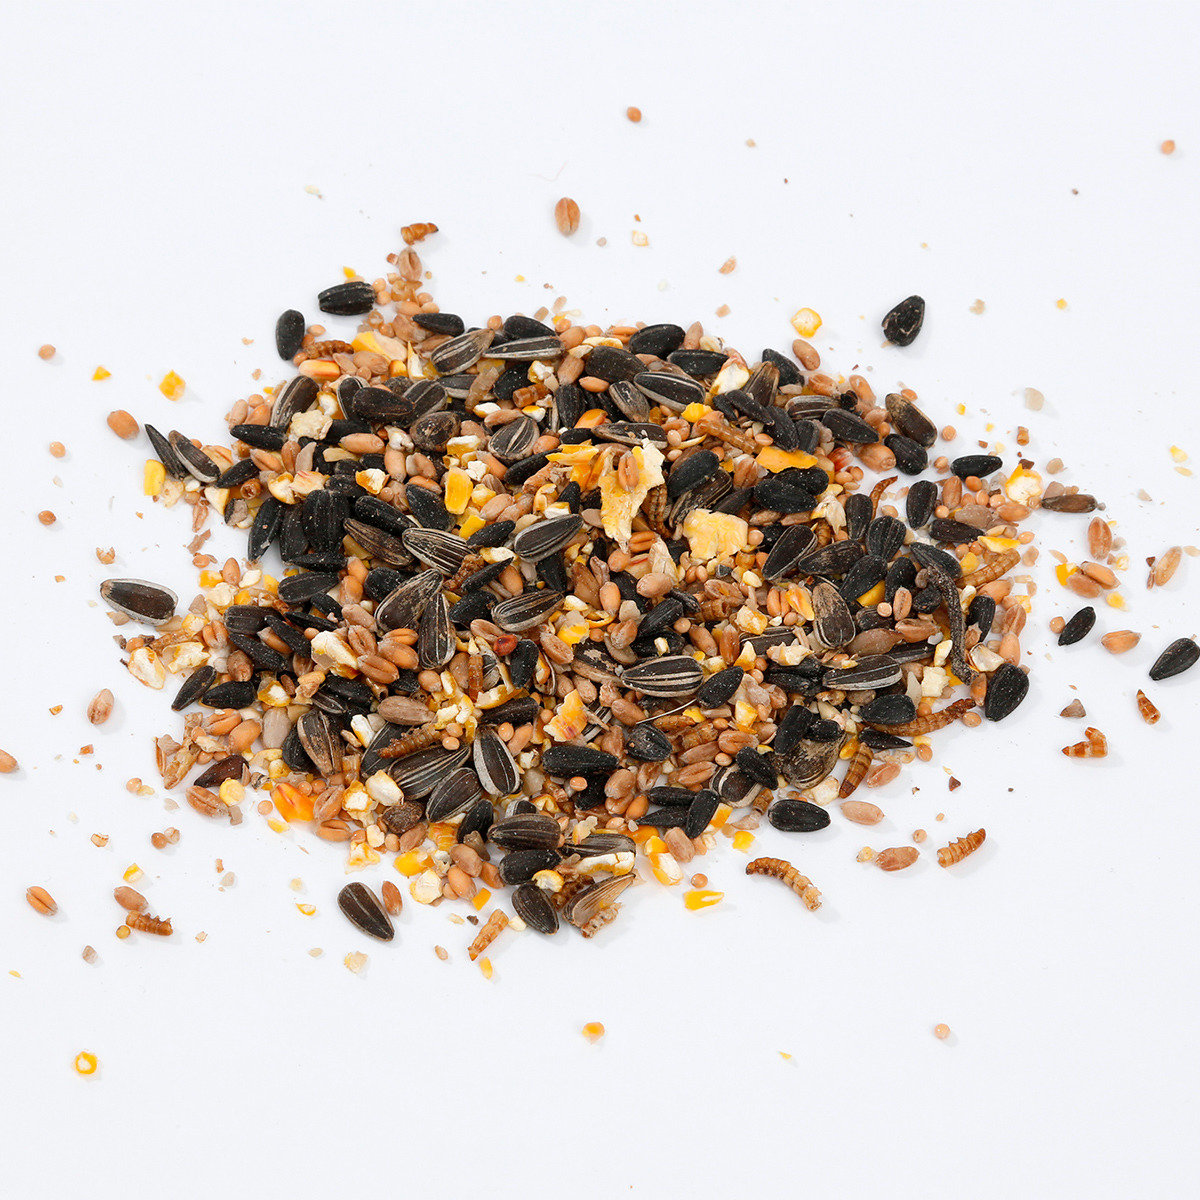 Streufutter mit insekten 2kg von g rtner p tschke for Gartentiere deko